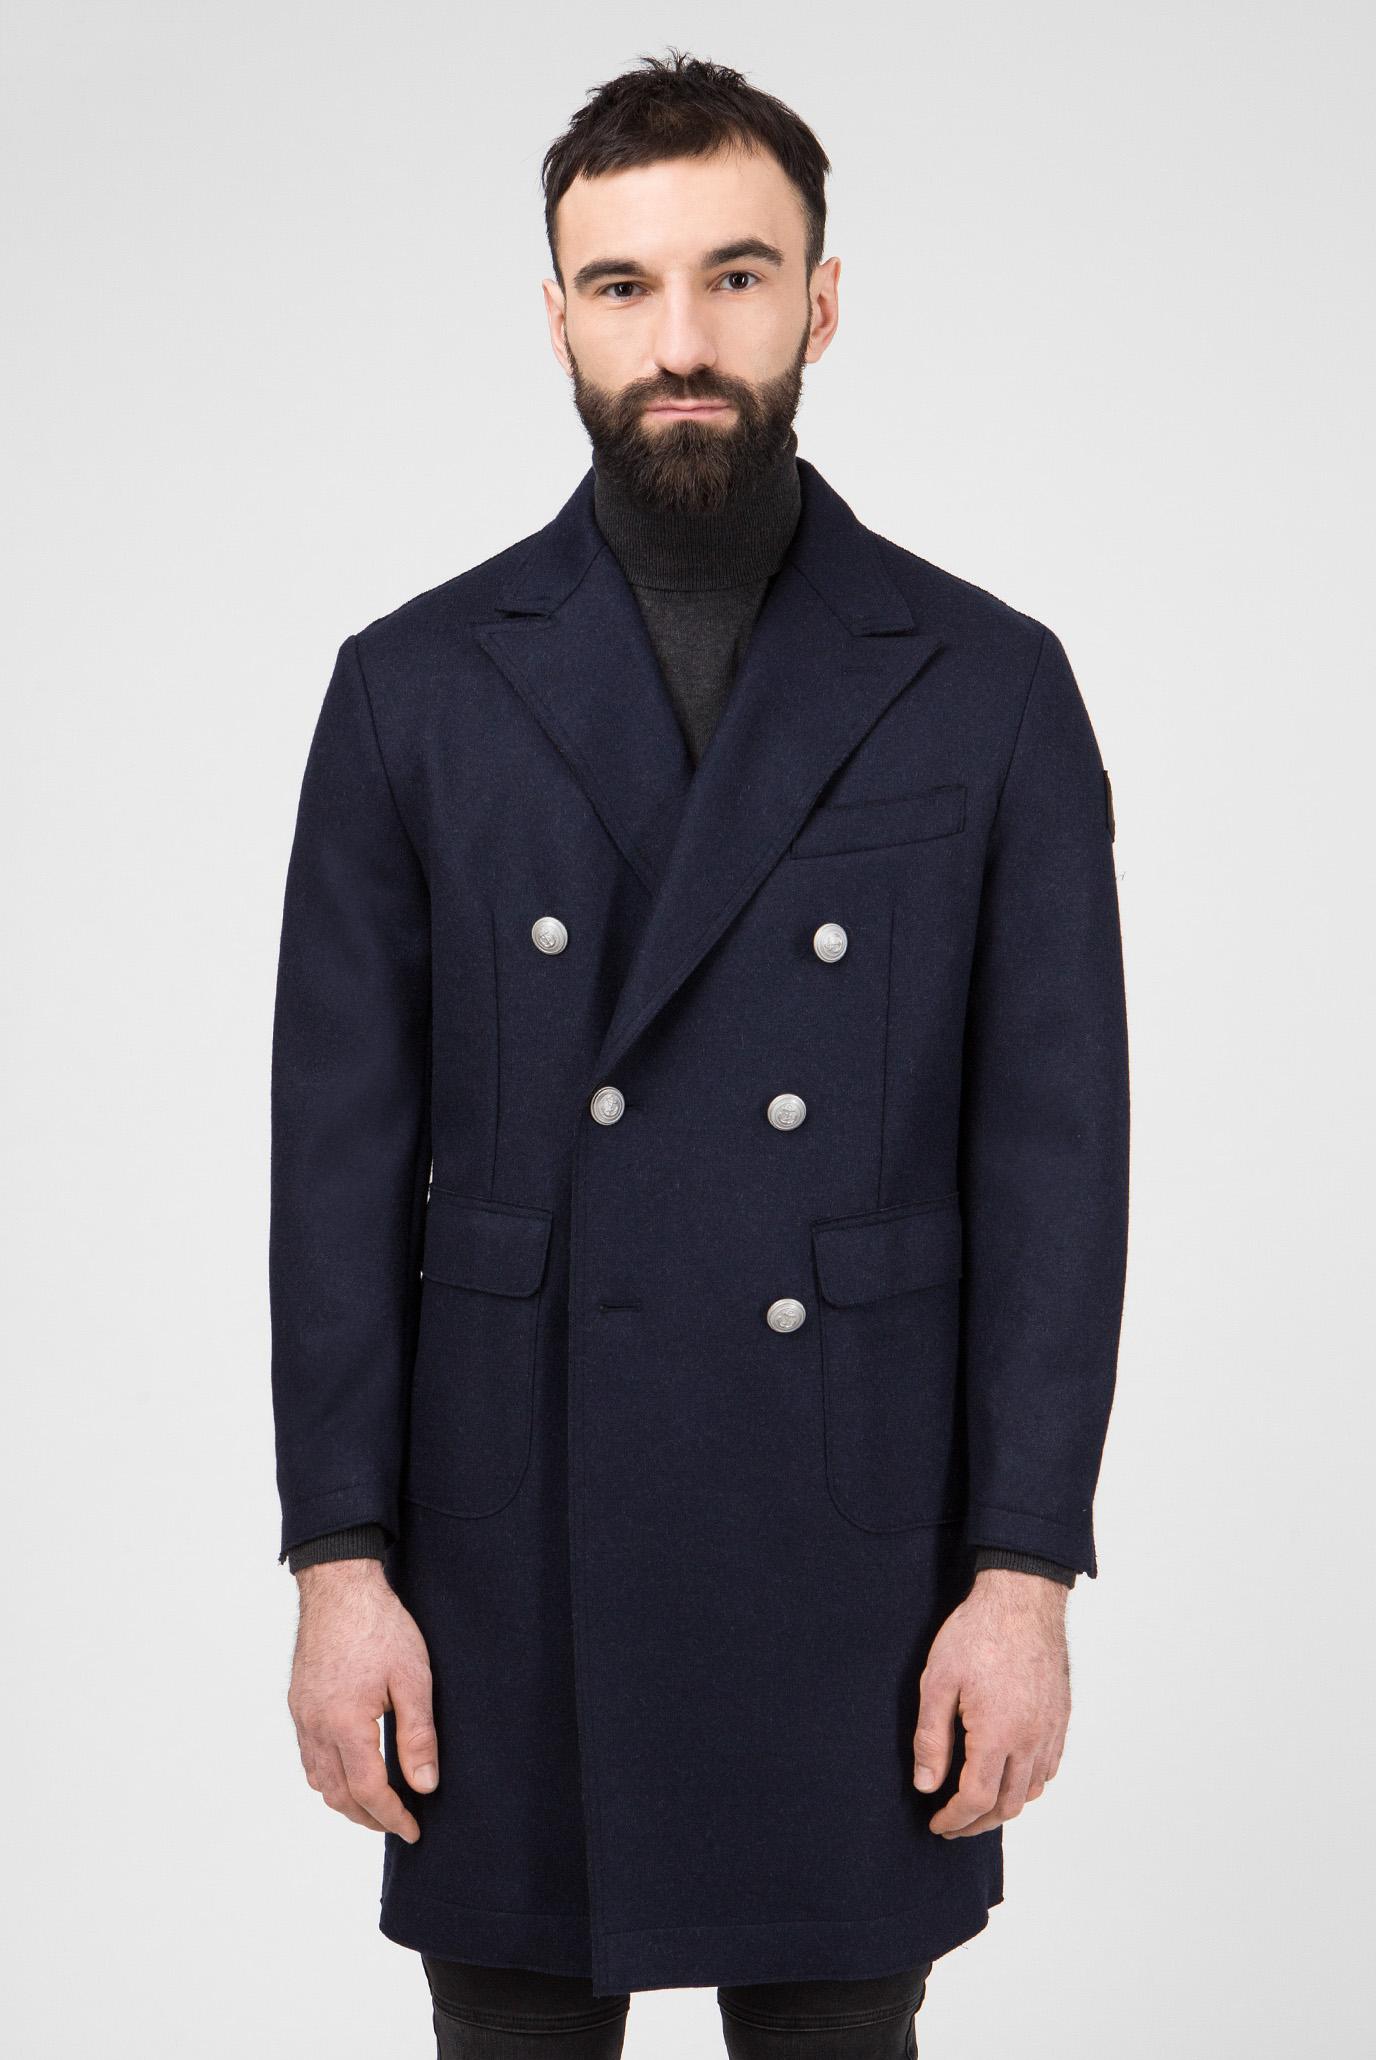 Купить Мужское темно-синее шерстяное пальто Replay Replay M8947 .000.22620 – Киев, Украина. Цены в интернет магазине MD Fashion